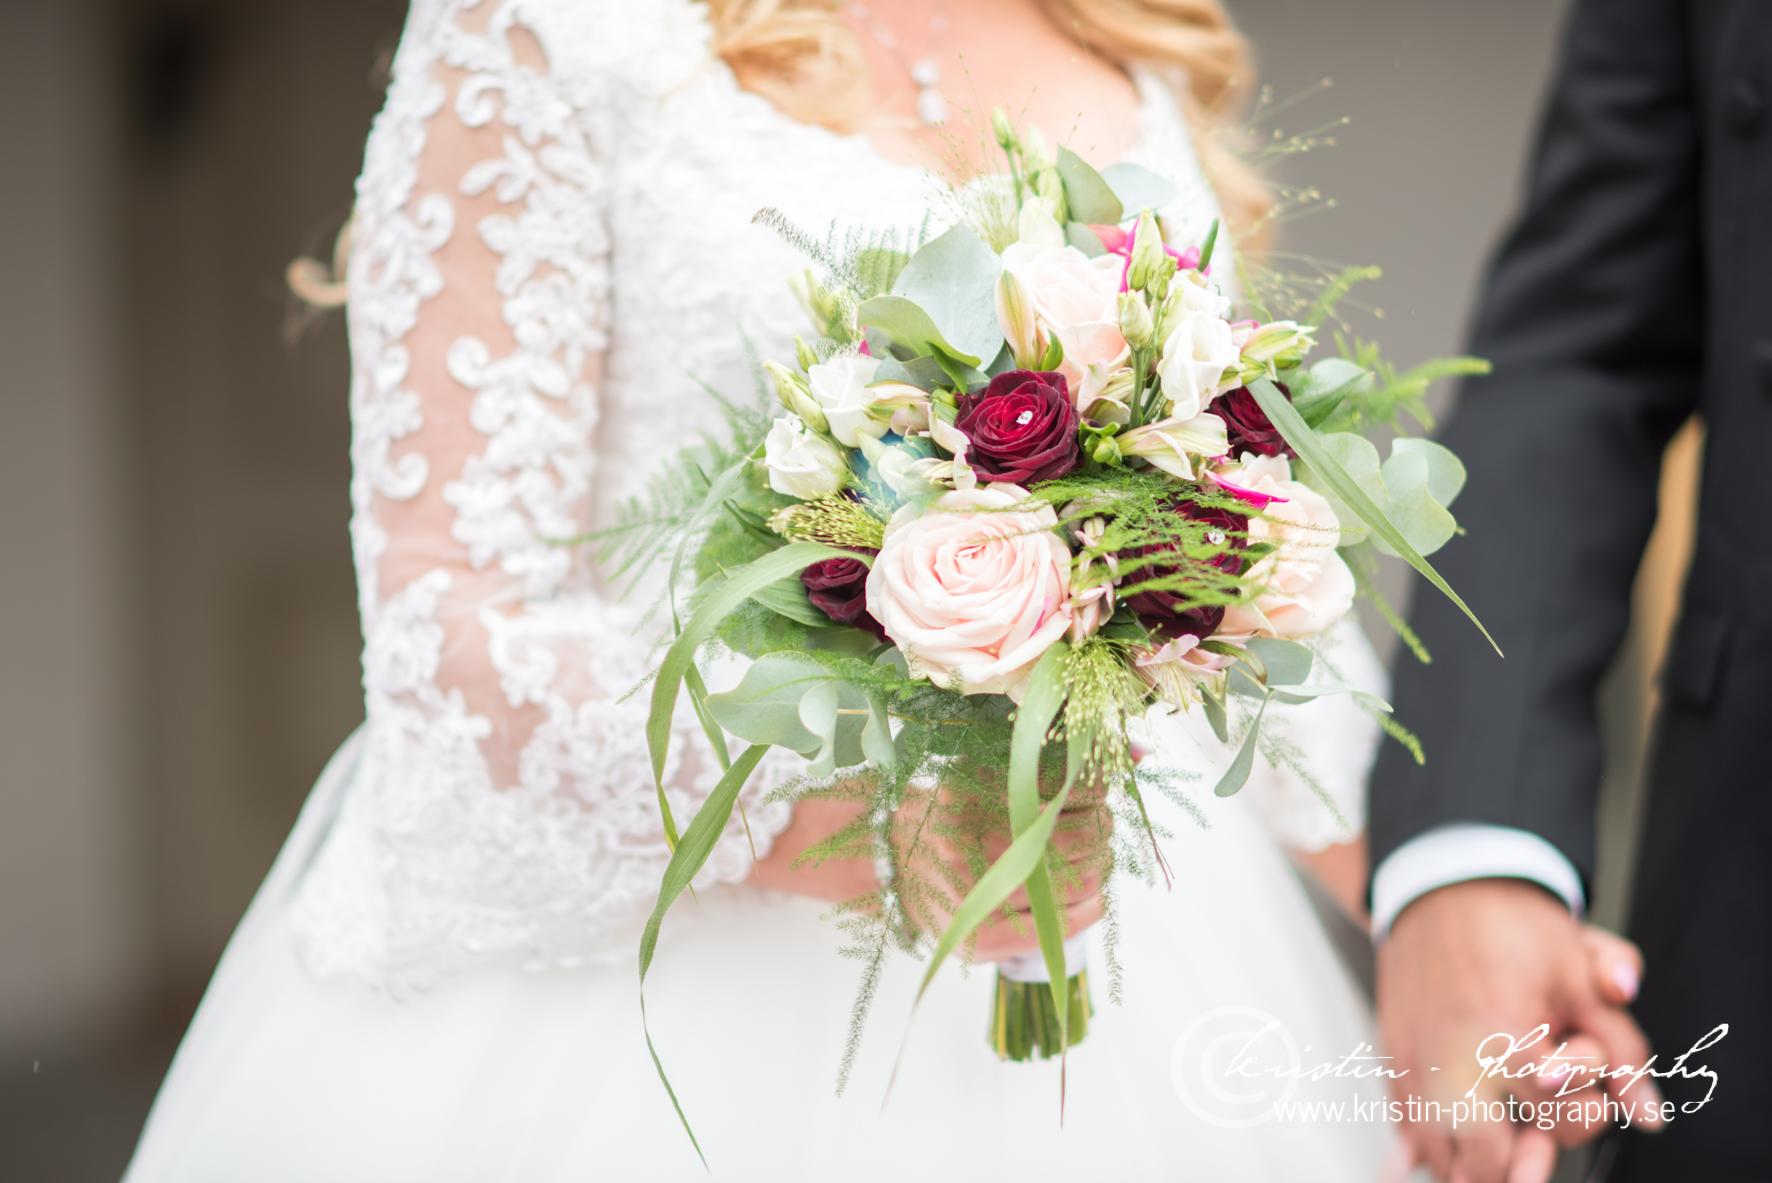 Bröllopsfotograf i Eskilstuna, Kristin - Photography-231.jpg